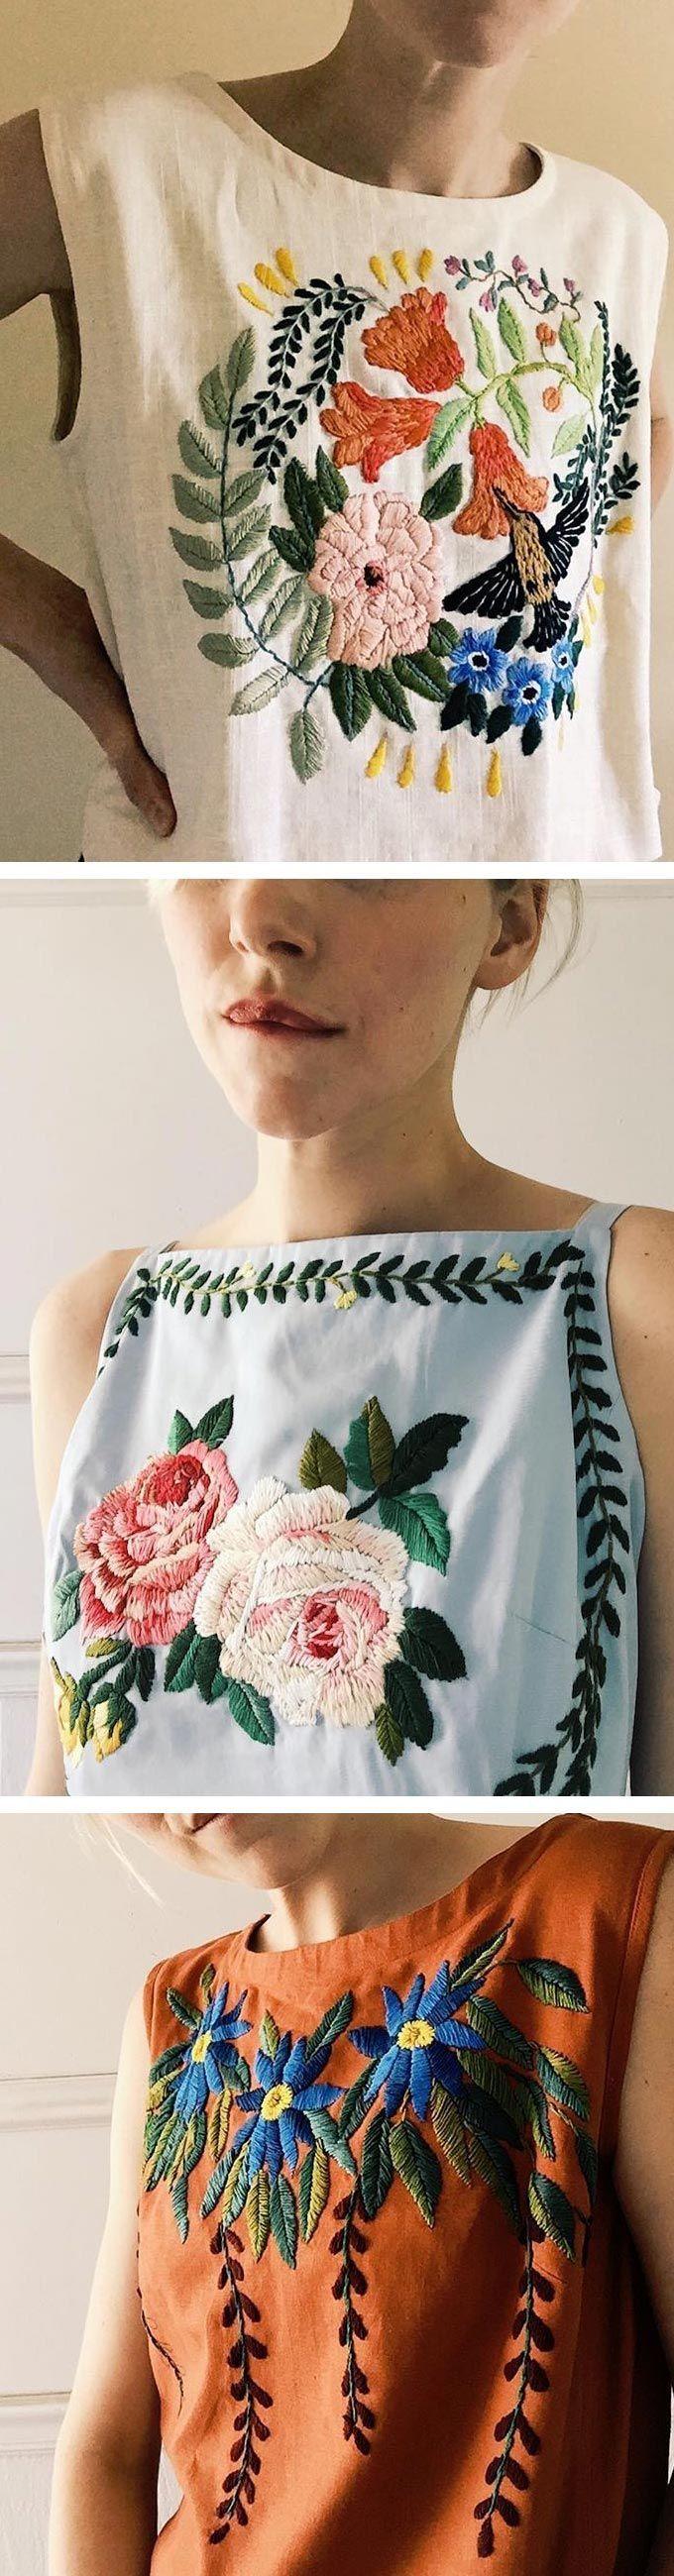 Style design lace blouse